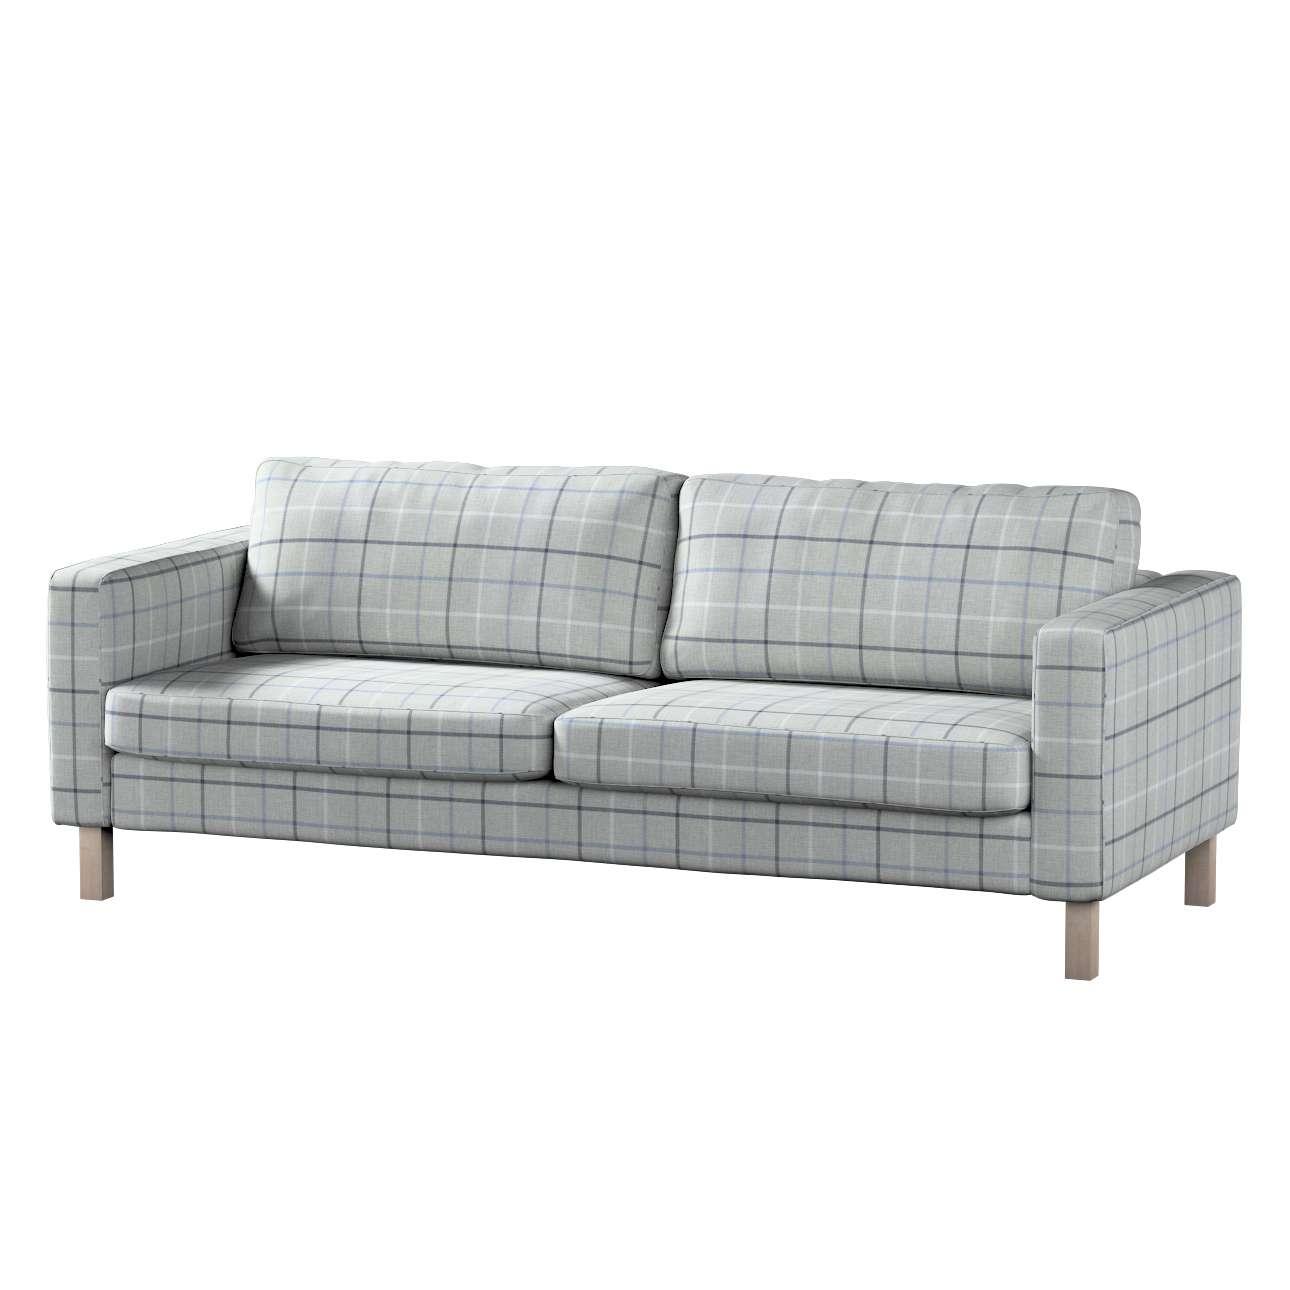 Potah na pohovku IKEA Karlstad, 3-místná, rozkládací v kolekci Edinburgh, látka: 703-18